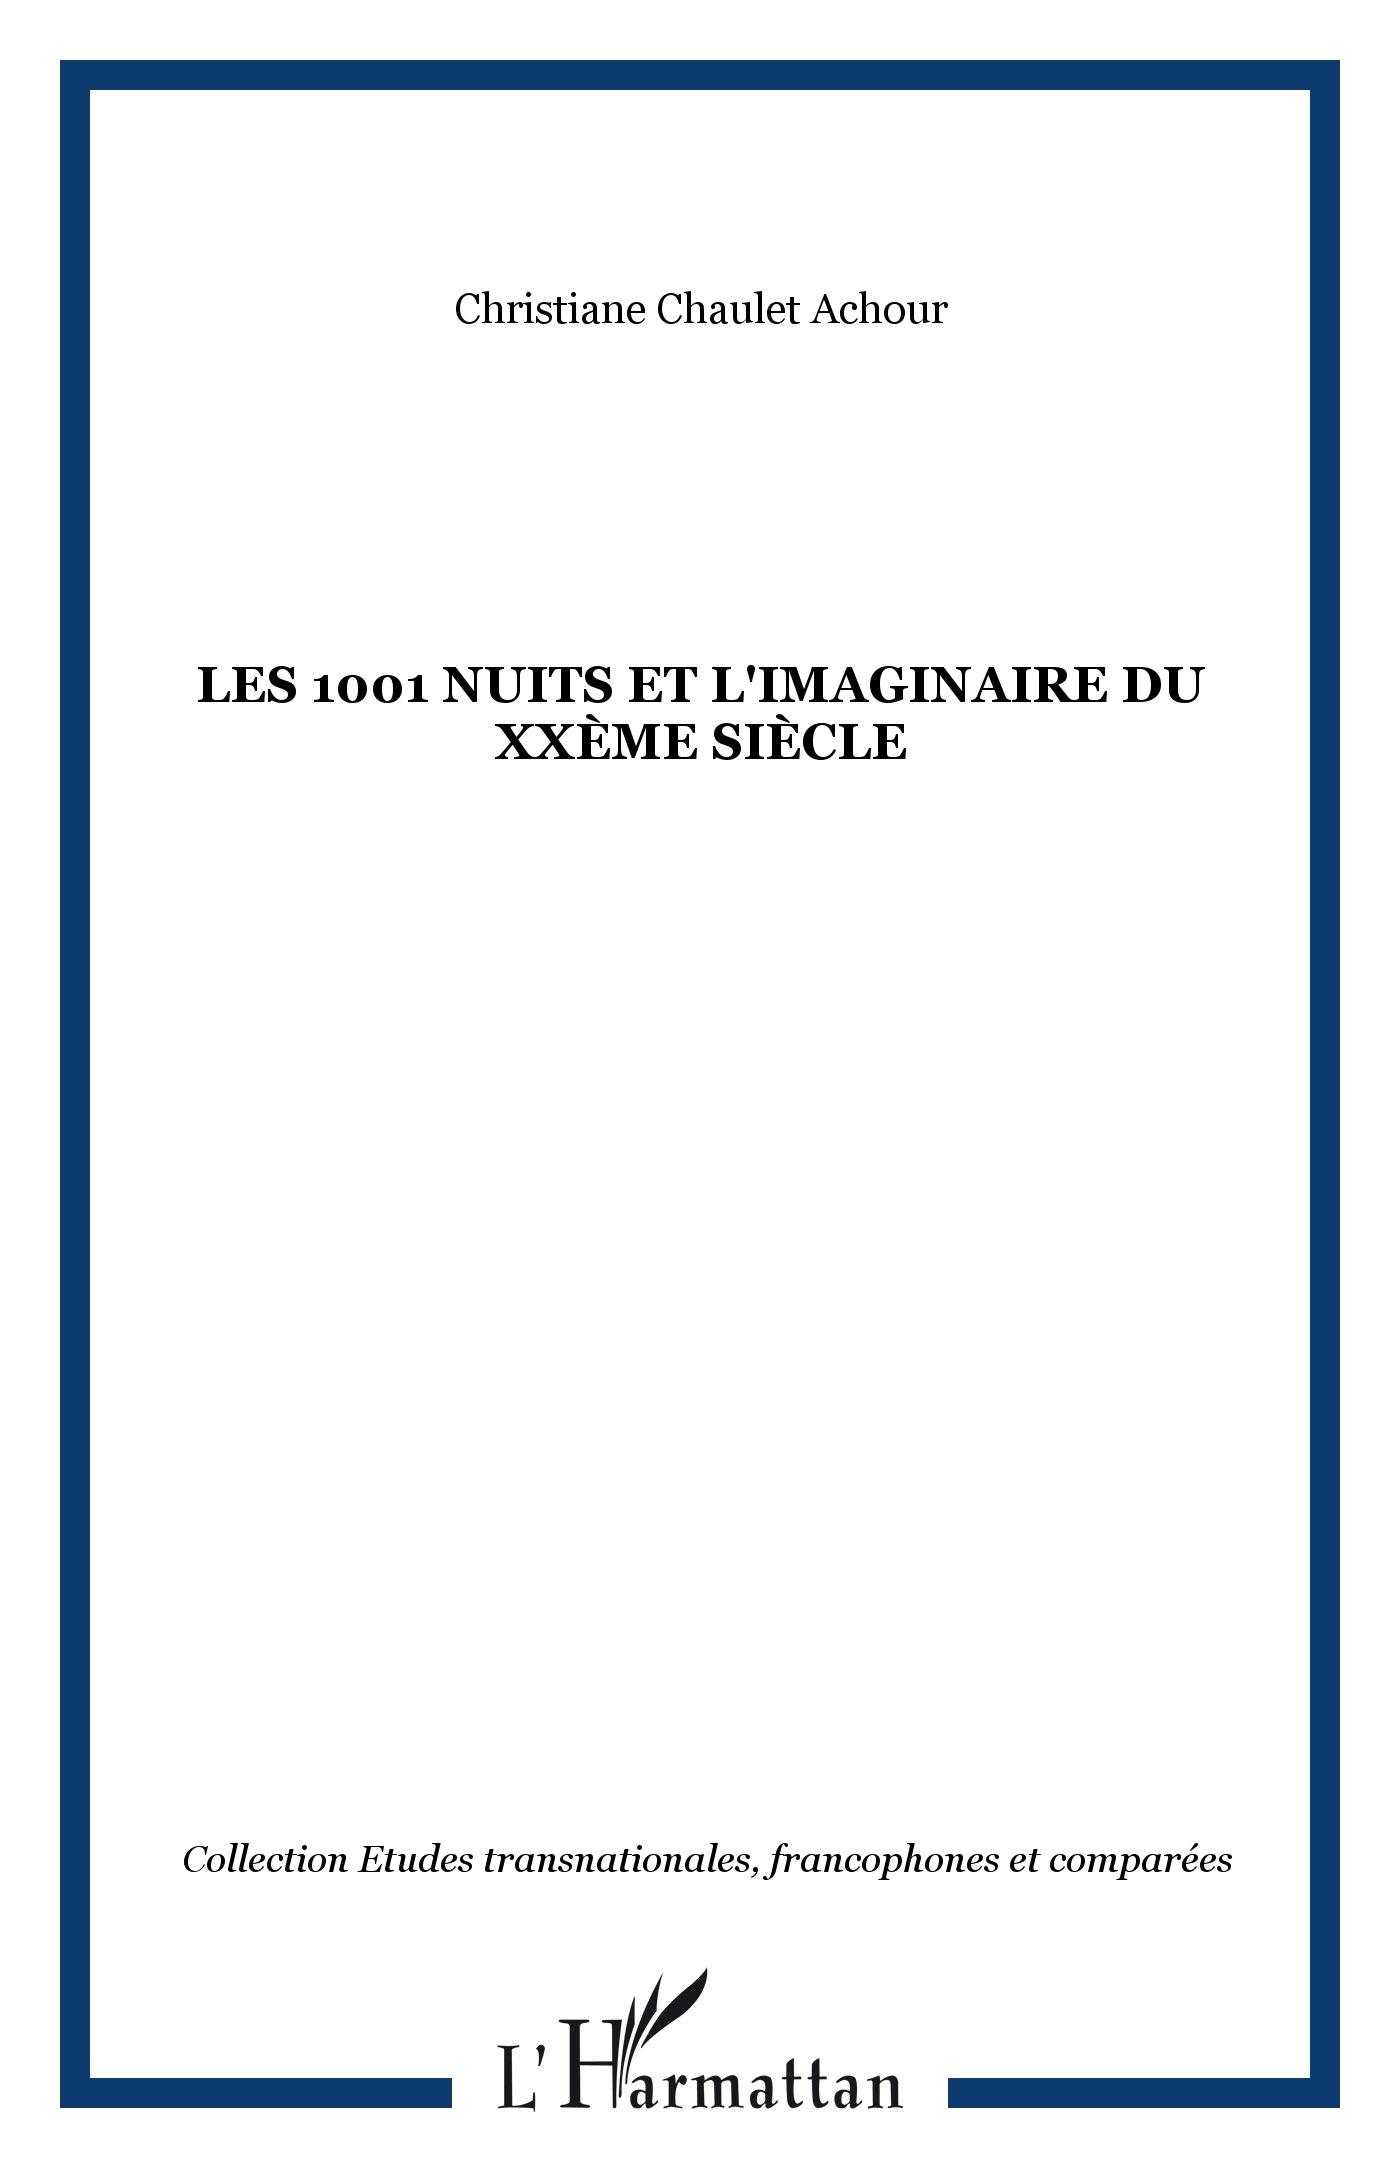 Les 1001 nuits et l'imaginaire du XXème siècle | Chaulet Achour, Christiane